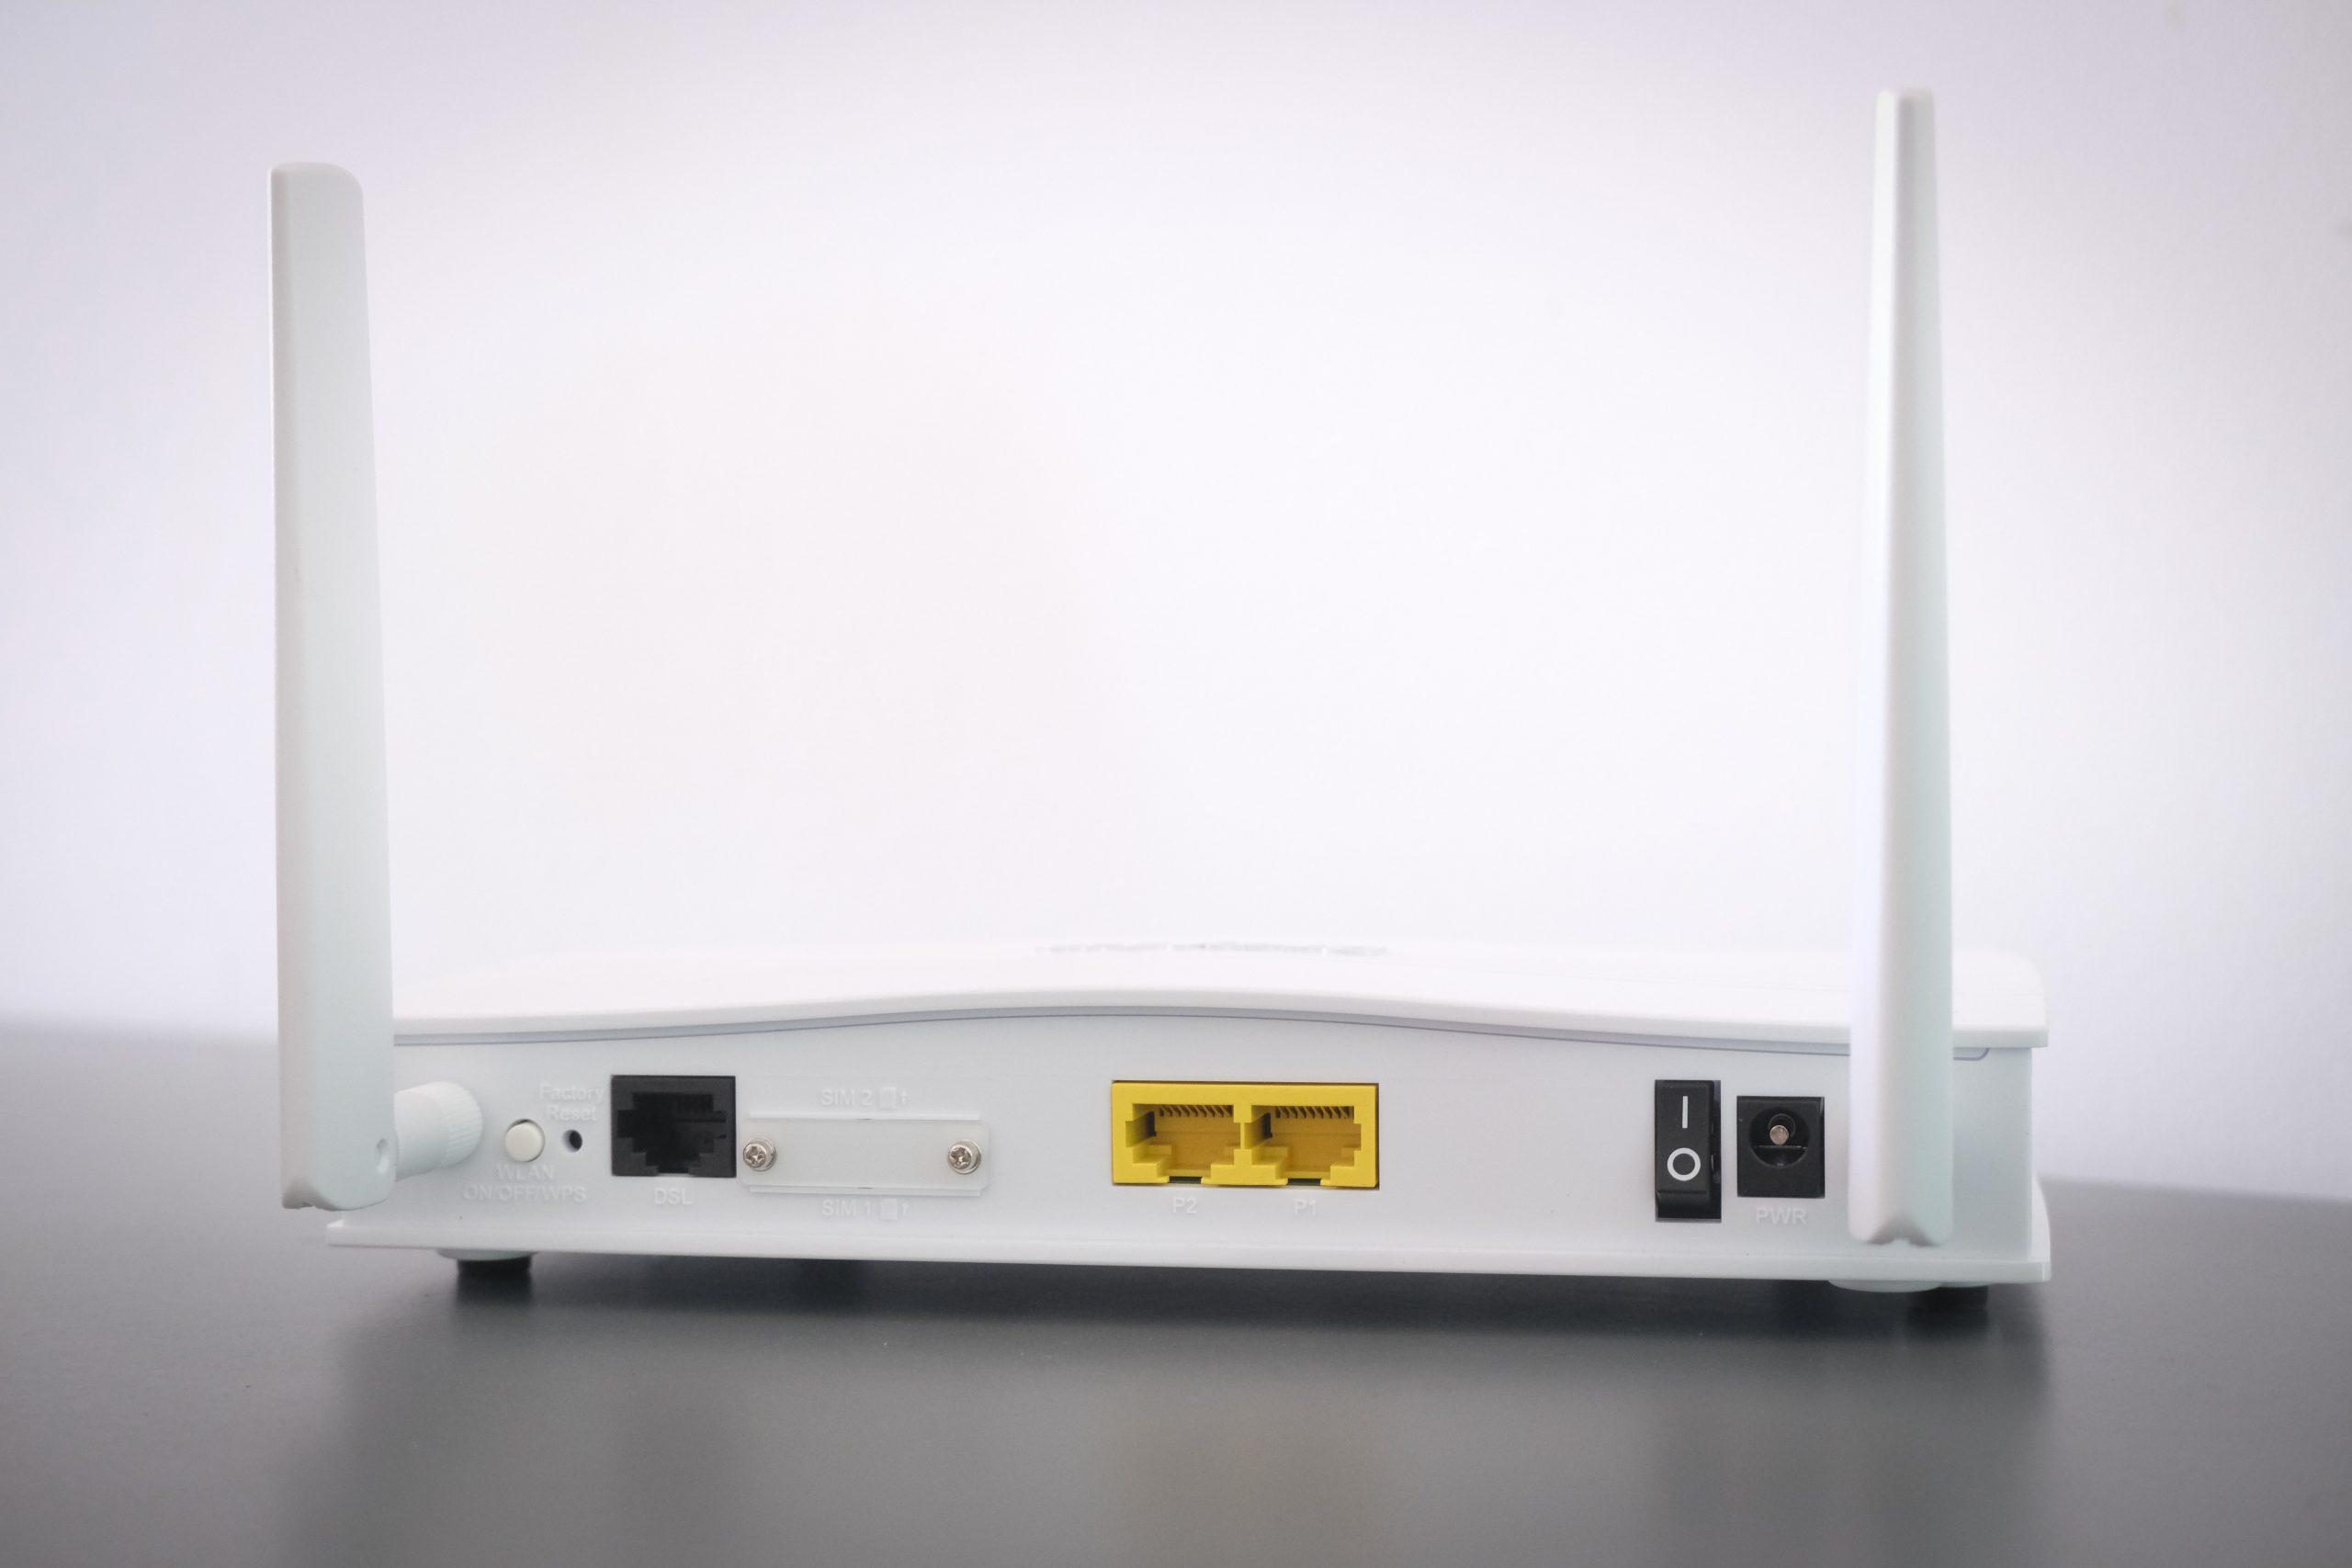 Imagem de um modem de internet.